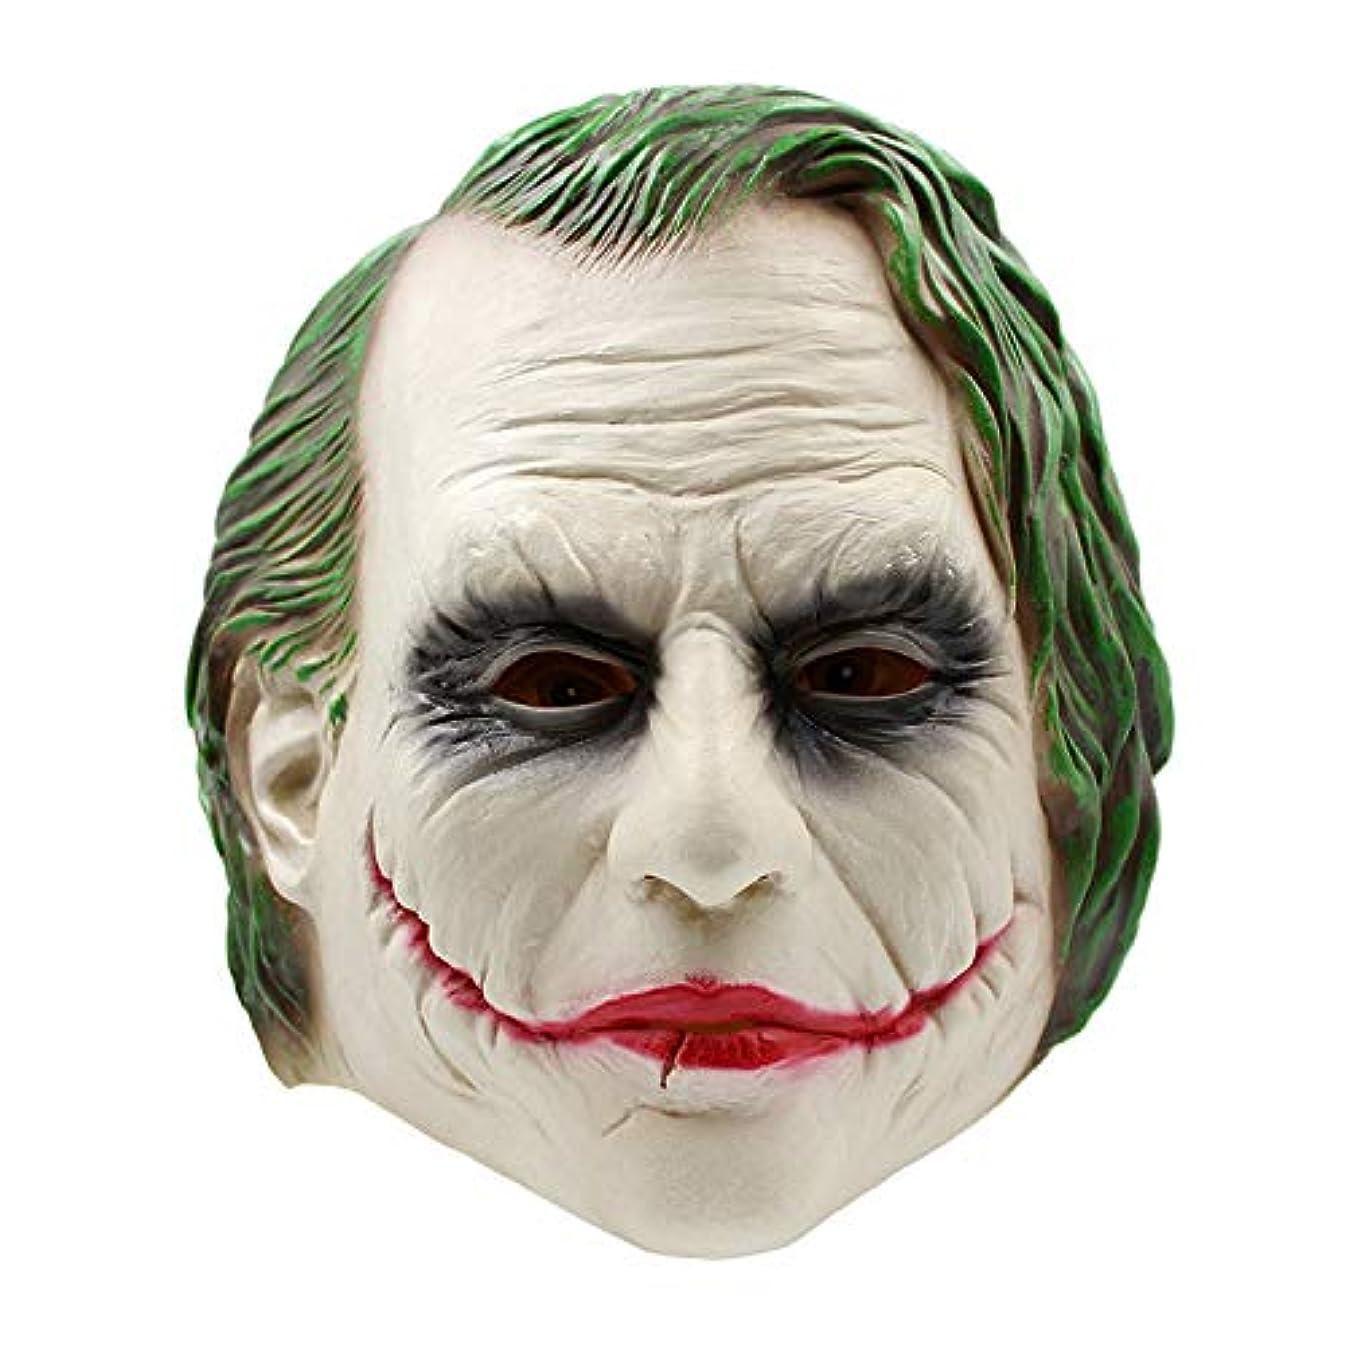 西部インテリア禁止するハロウィーンピエロマスクラテックスヘッドカバーダークナイトマスク